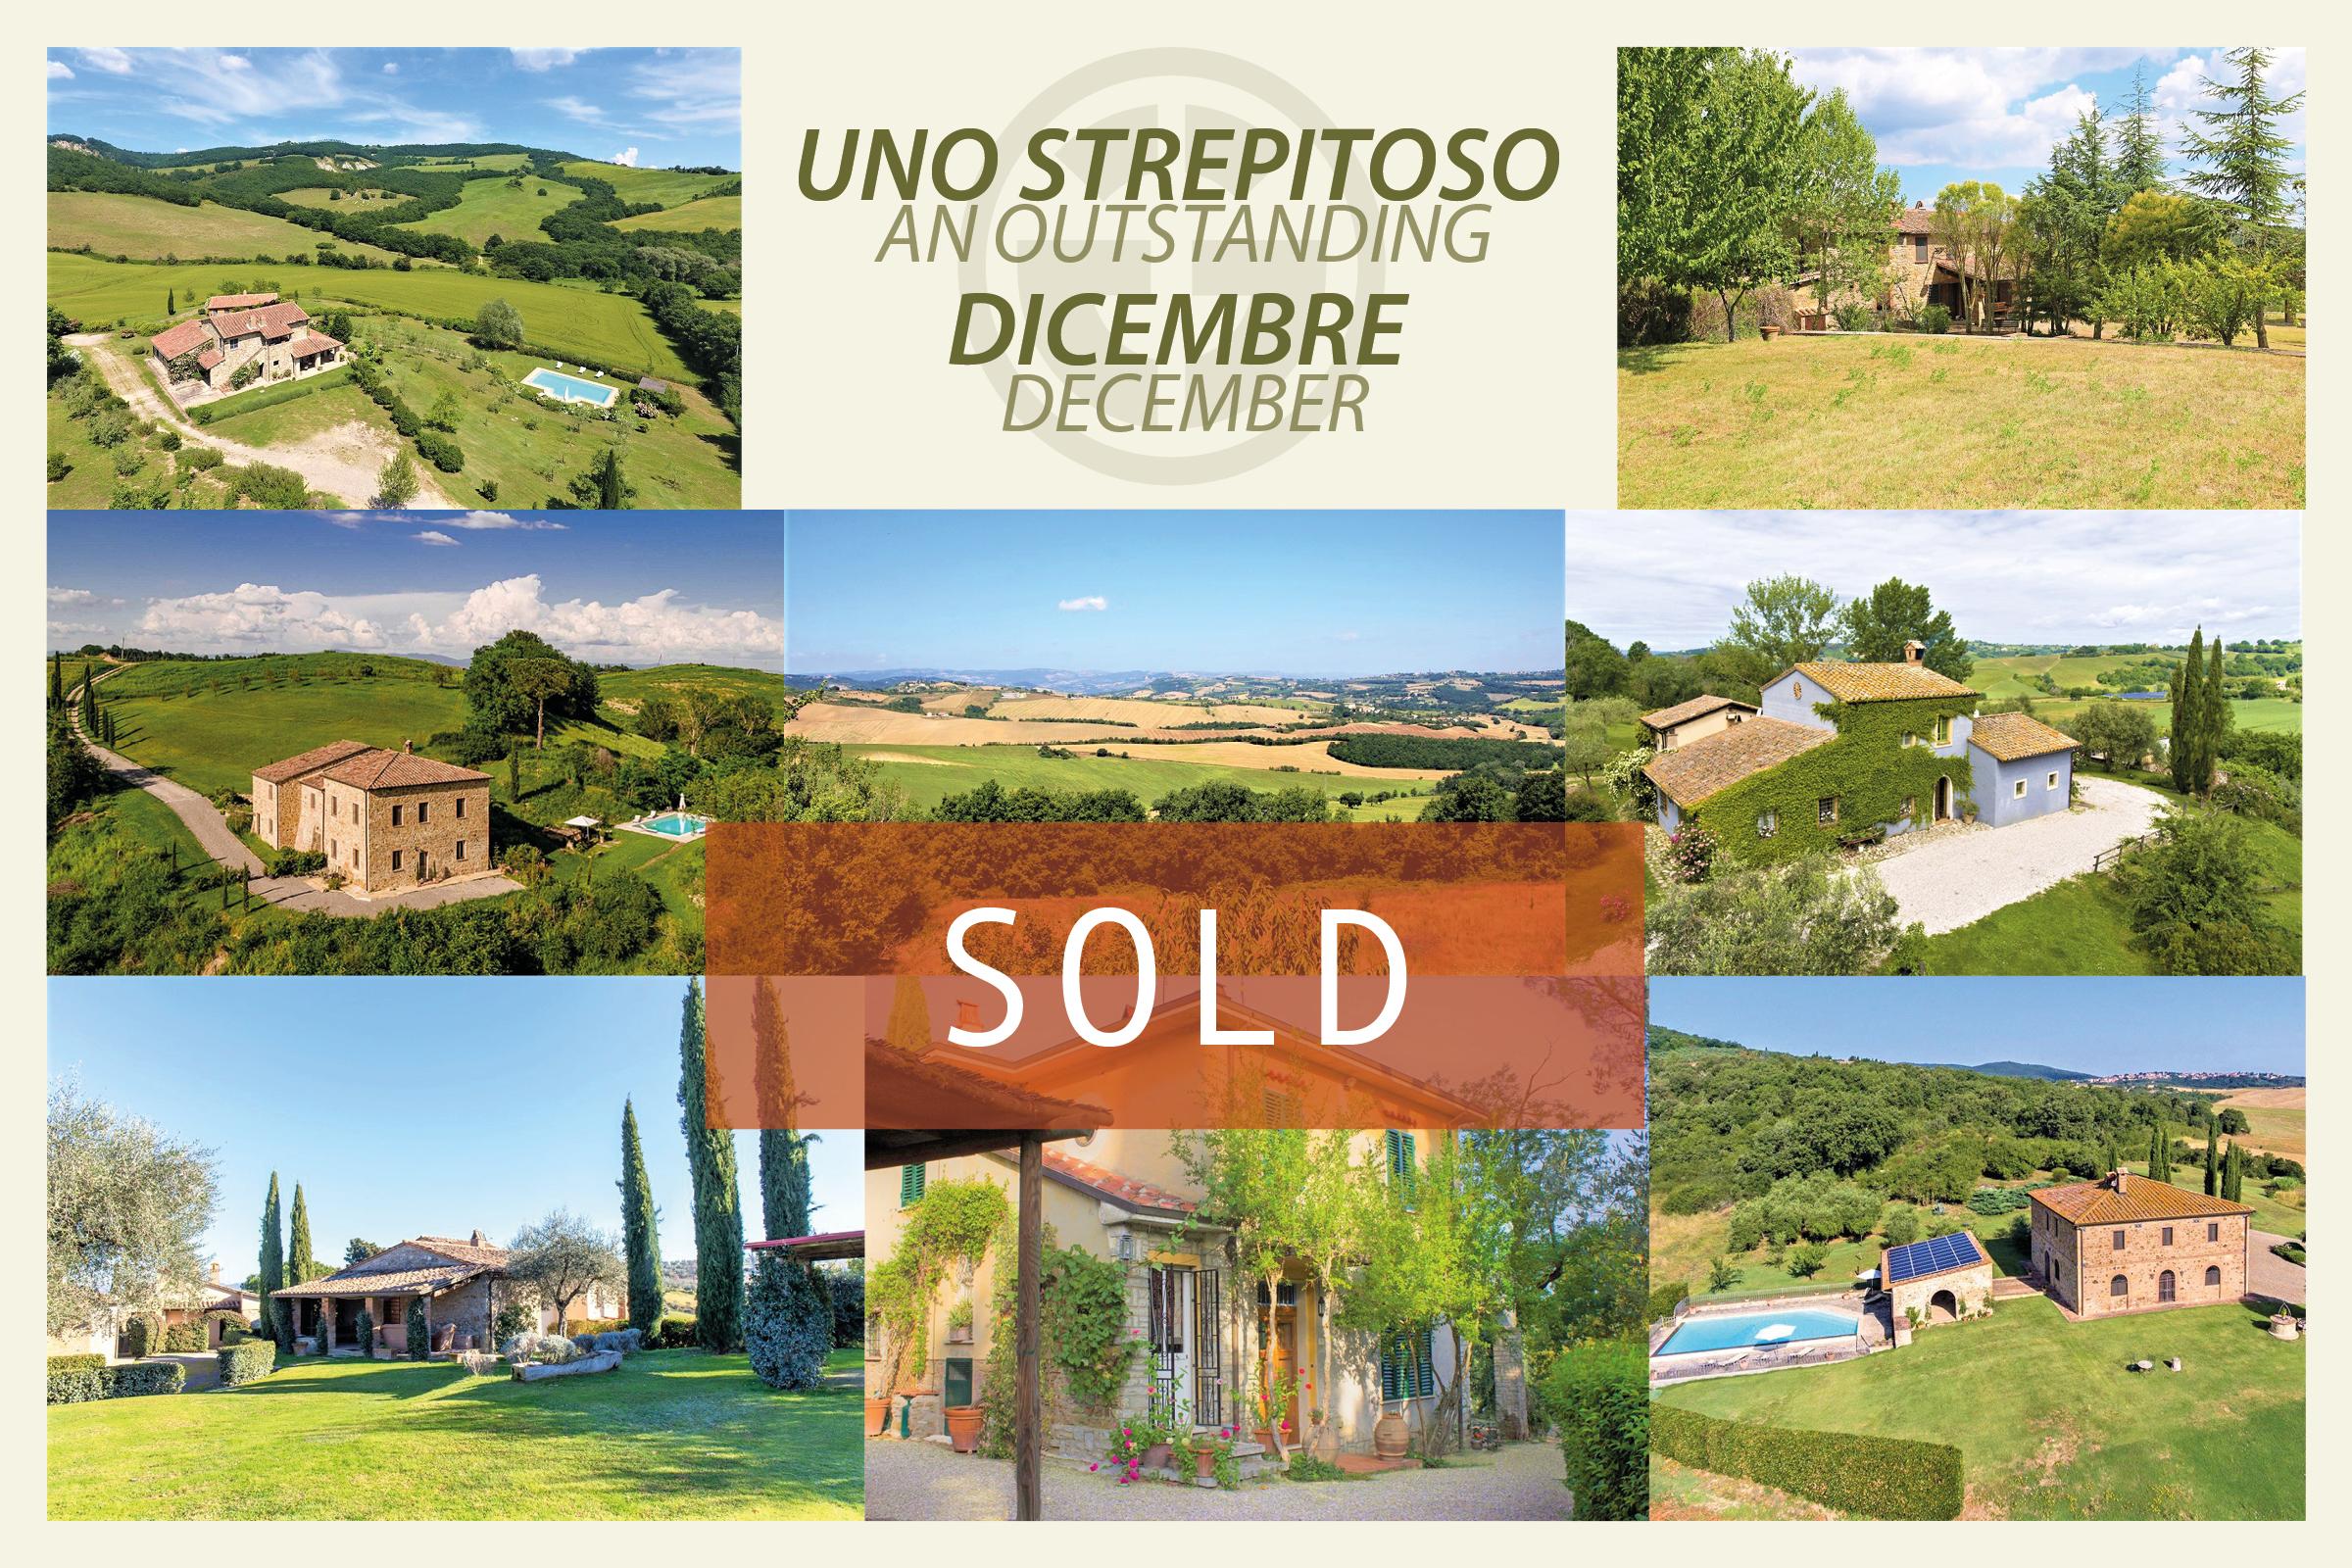 Dicembre d'oro per Great Estate: ufficializzate ben 8 vendite